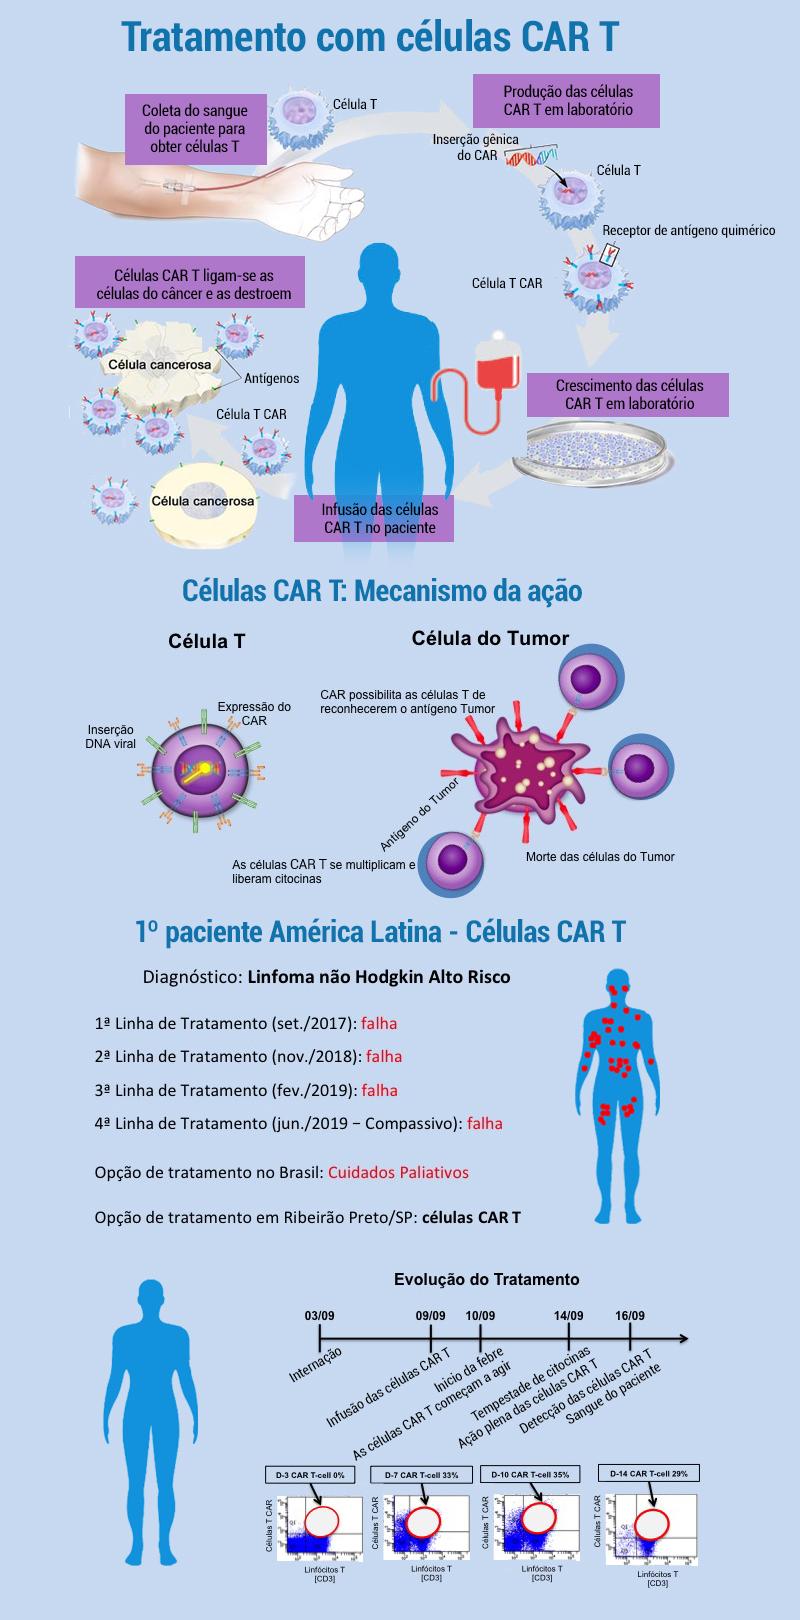 Médicos da USP aplicaram pela primeira vez imunoterapia que usa células T do paciente para tratar linfoma gravíssimo (Fonte: Jornal da USP)